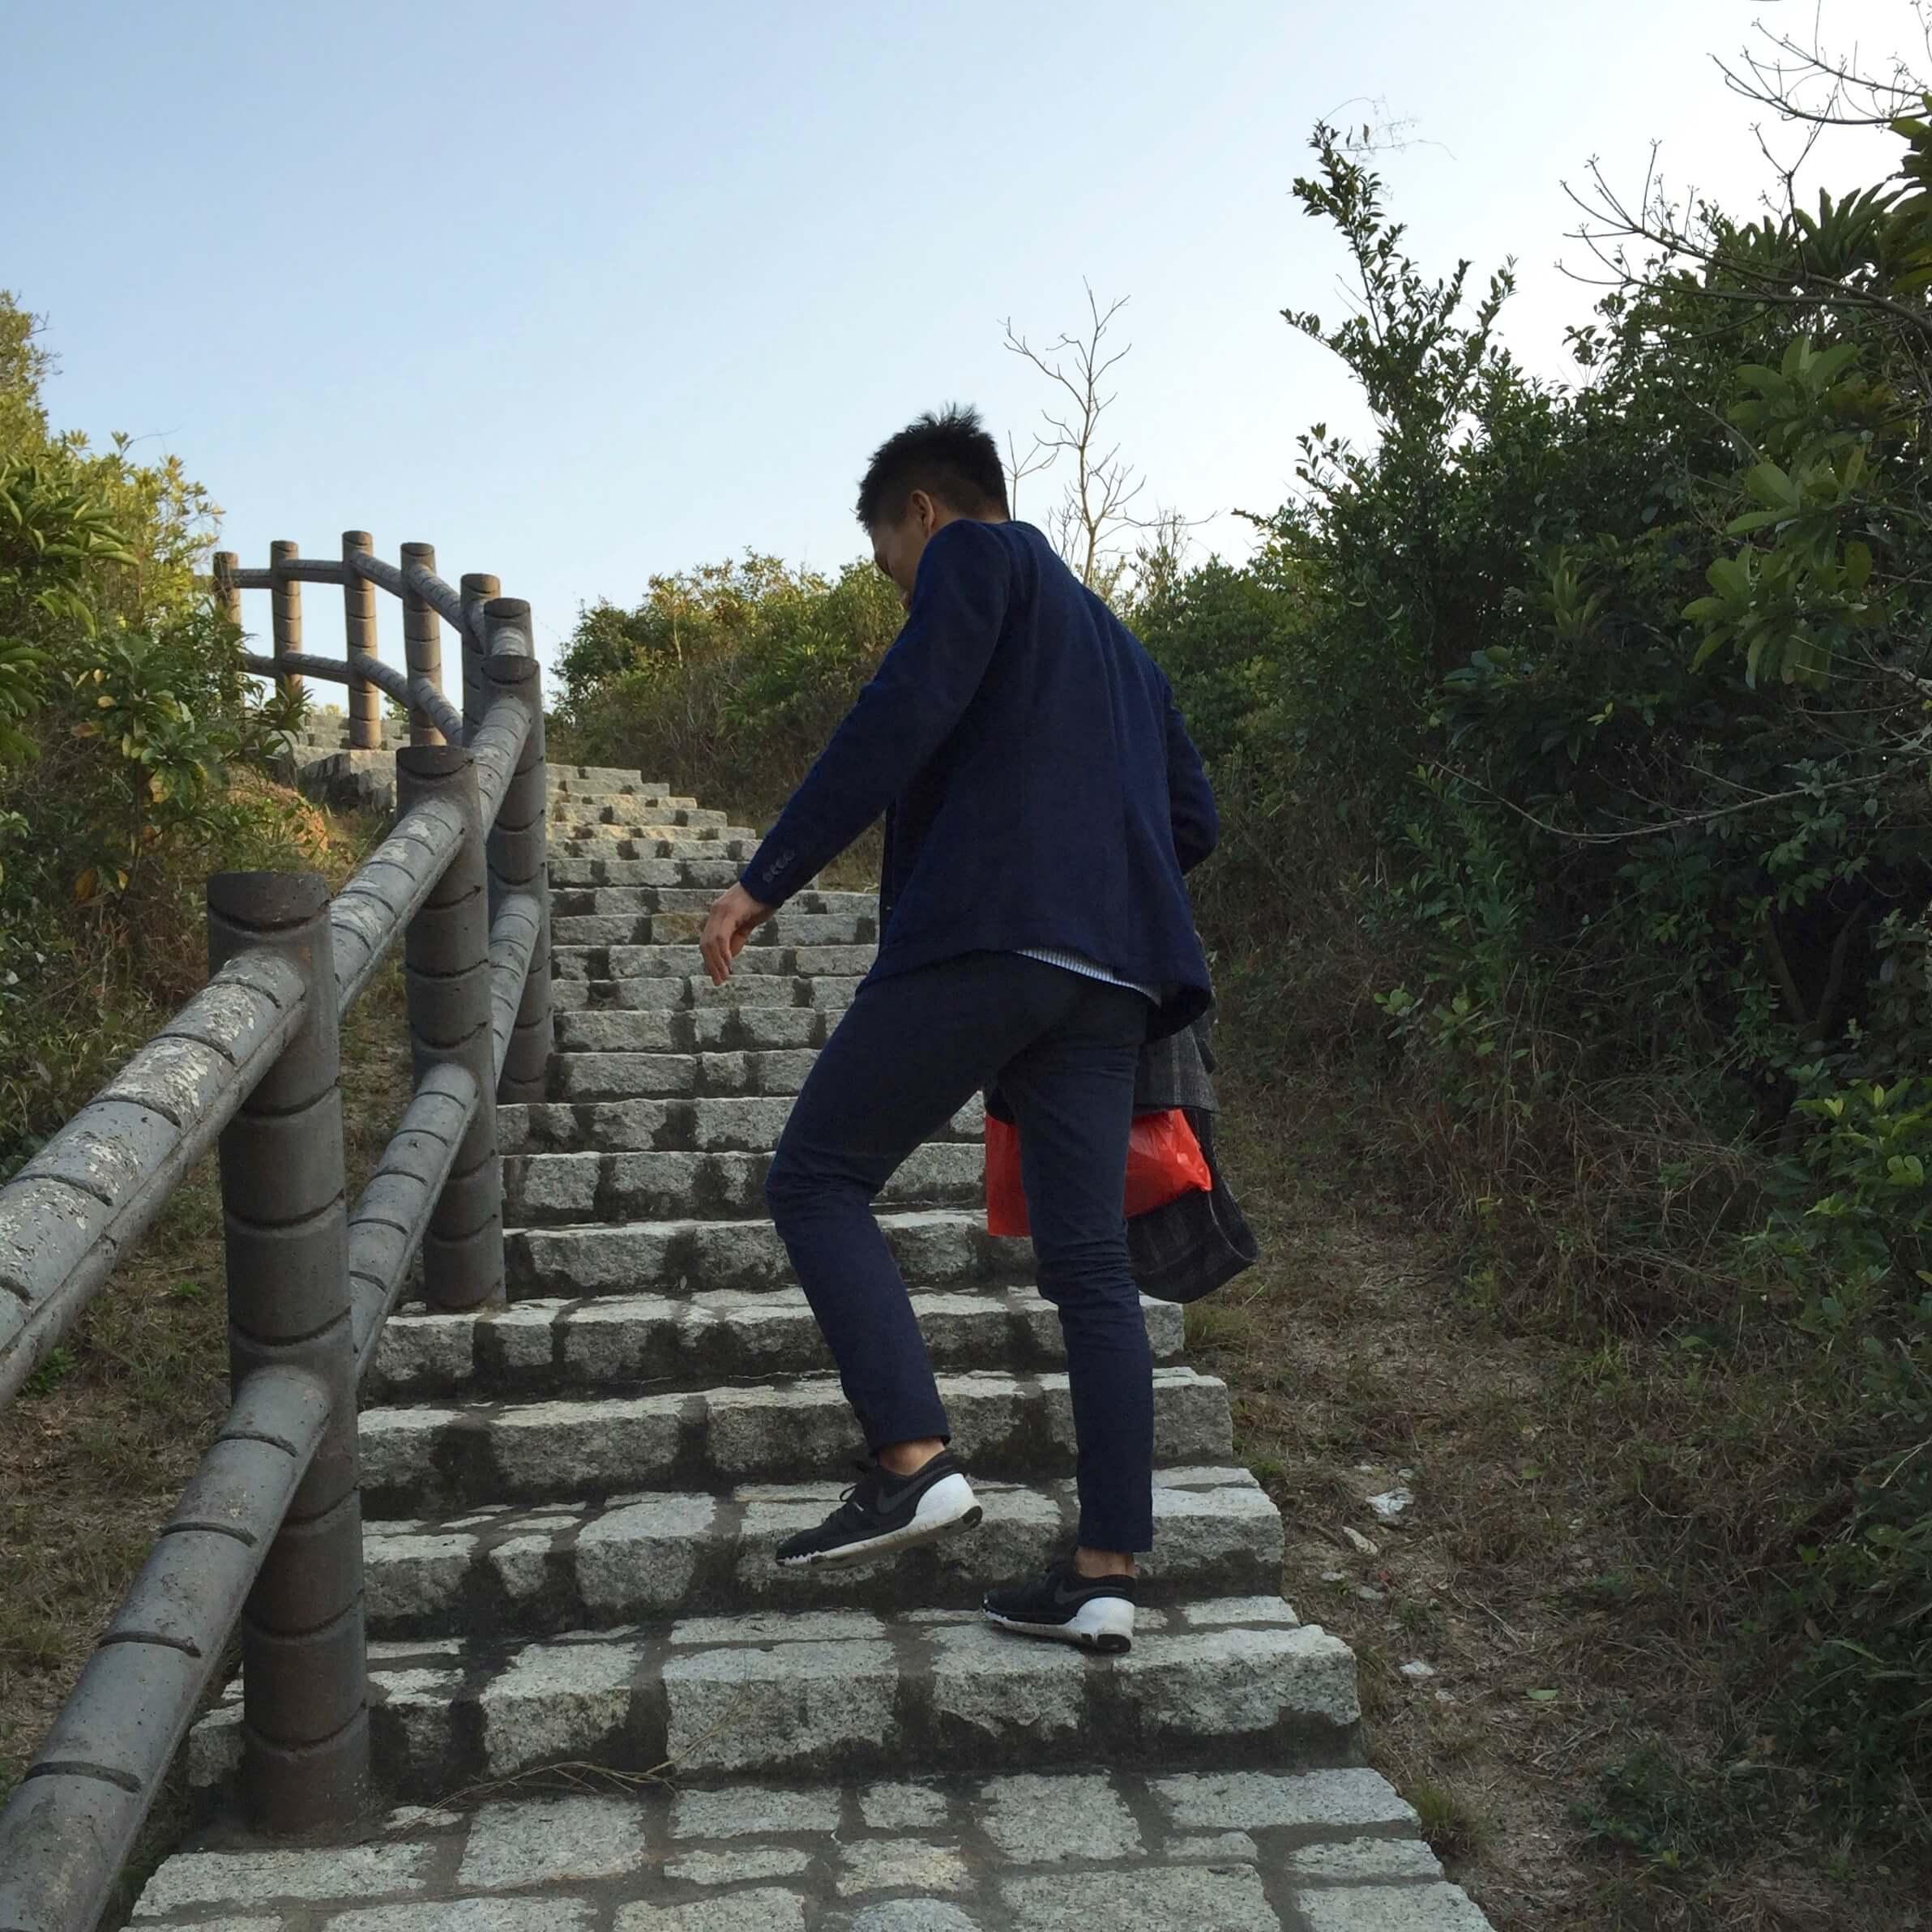 一 步 一 步 登 上 階 梯 , 準 備 迎 接 一 覽 無 遺 的 長 洲